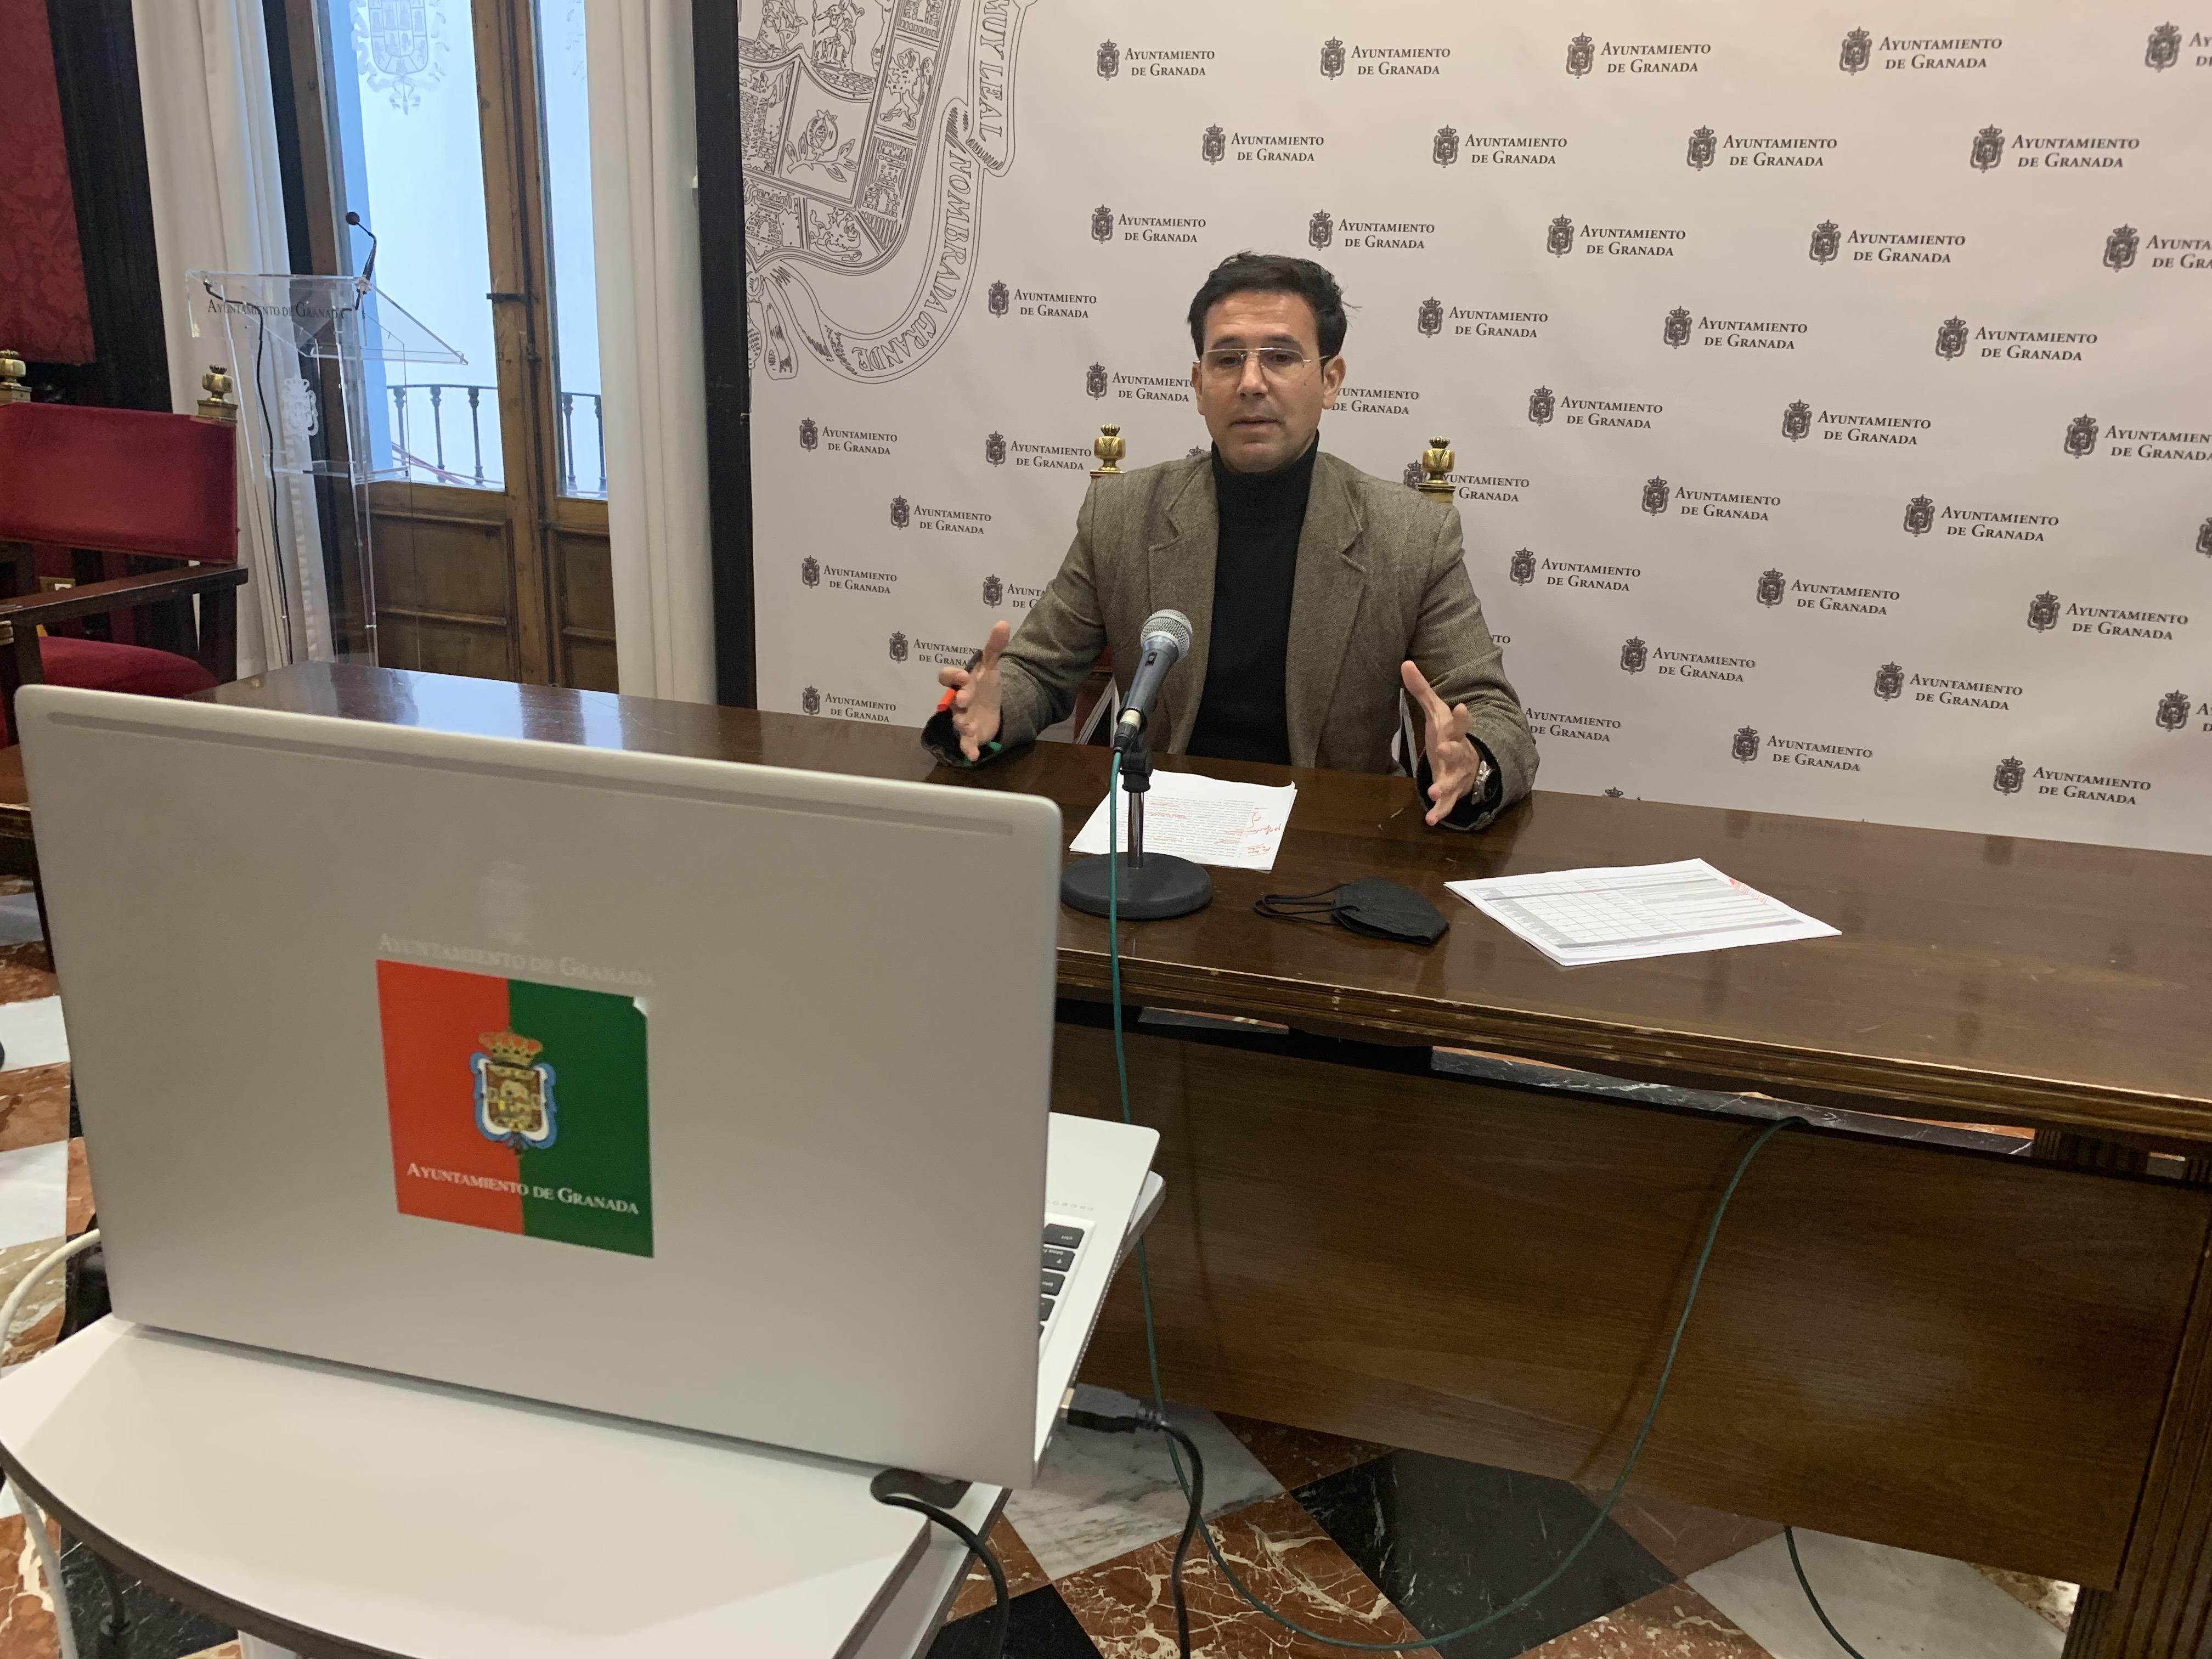 Cuenca propone 66 proyectos que generarían 27.000 contrataciones en los próximos años en Granada